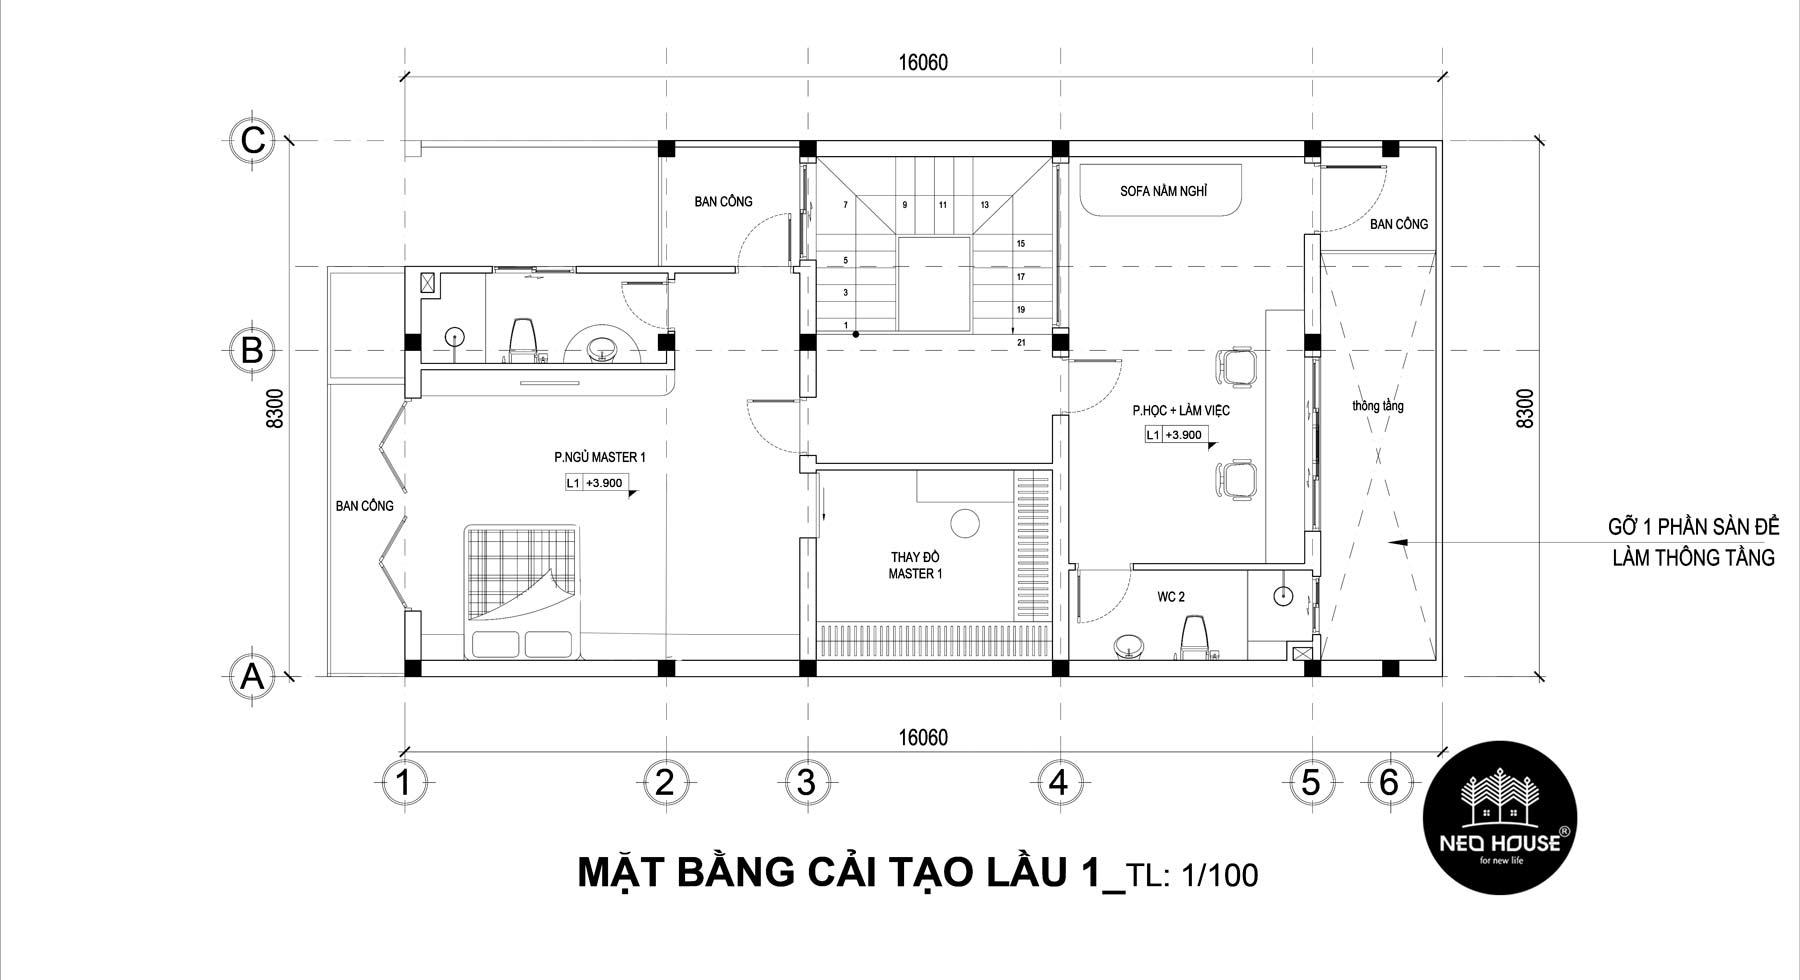 Bản vẽ mặt bằng thiết kế nhà phố 3 tầng hiện đại 2